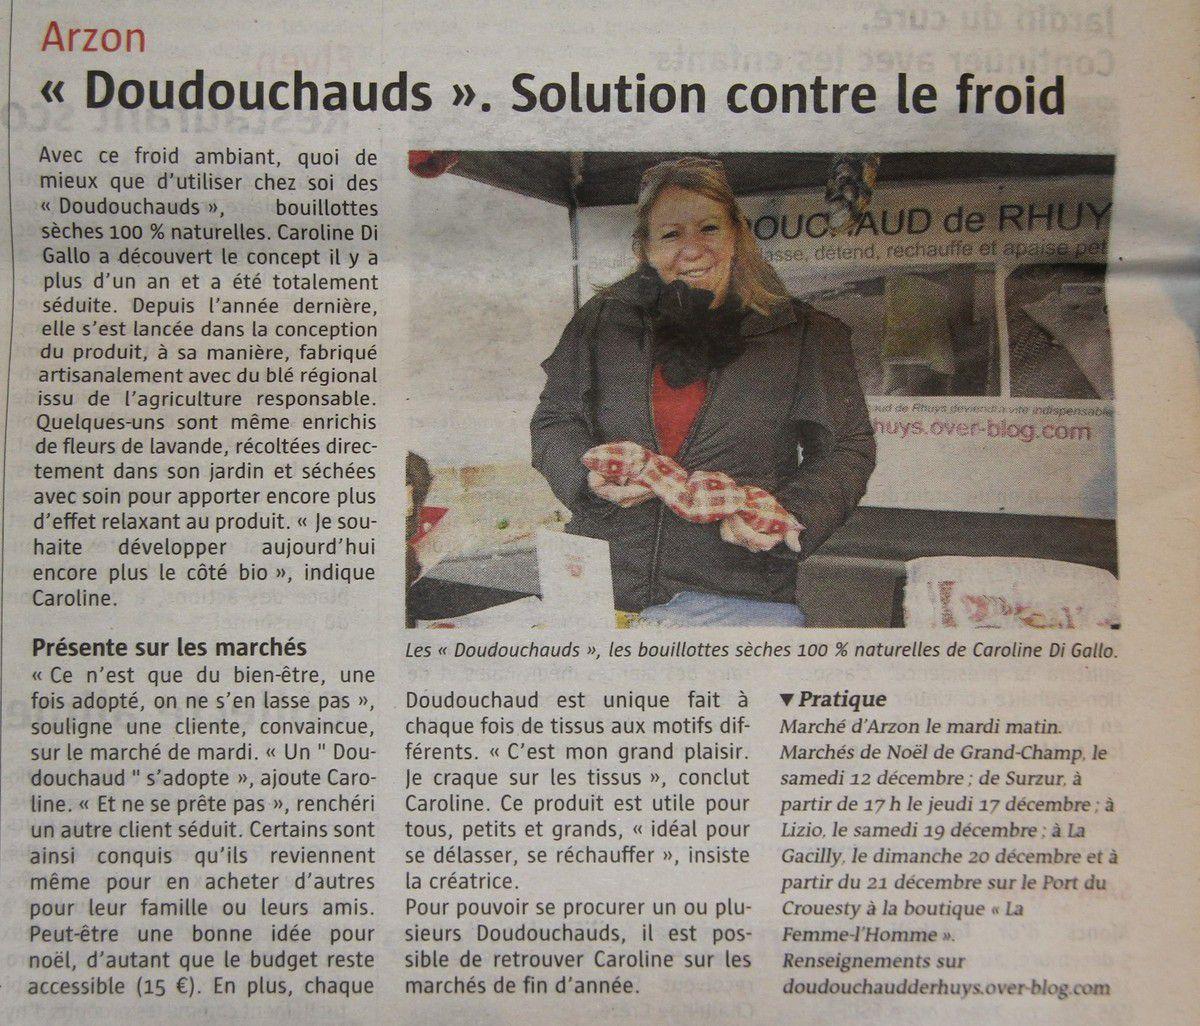 Merci à Ouest-France et au télégramme pour leurs articles qui ont fait connaître encore plus les doudouchauds